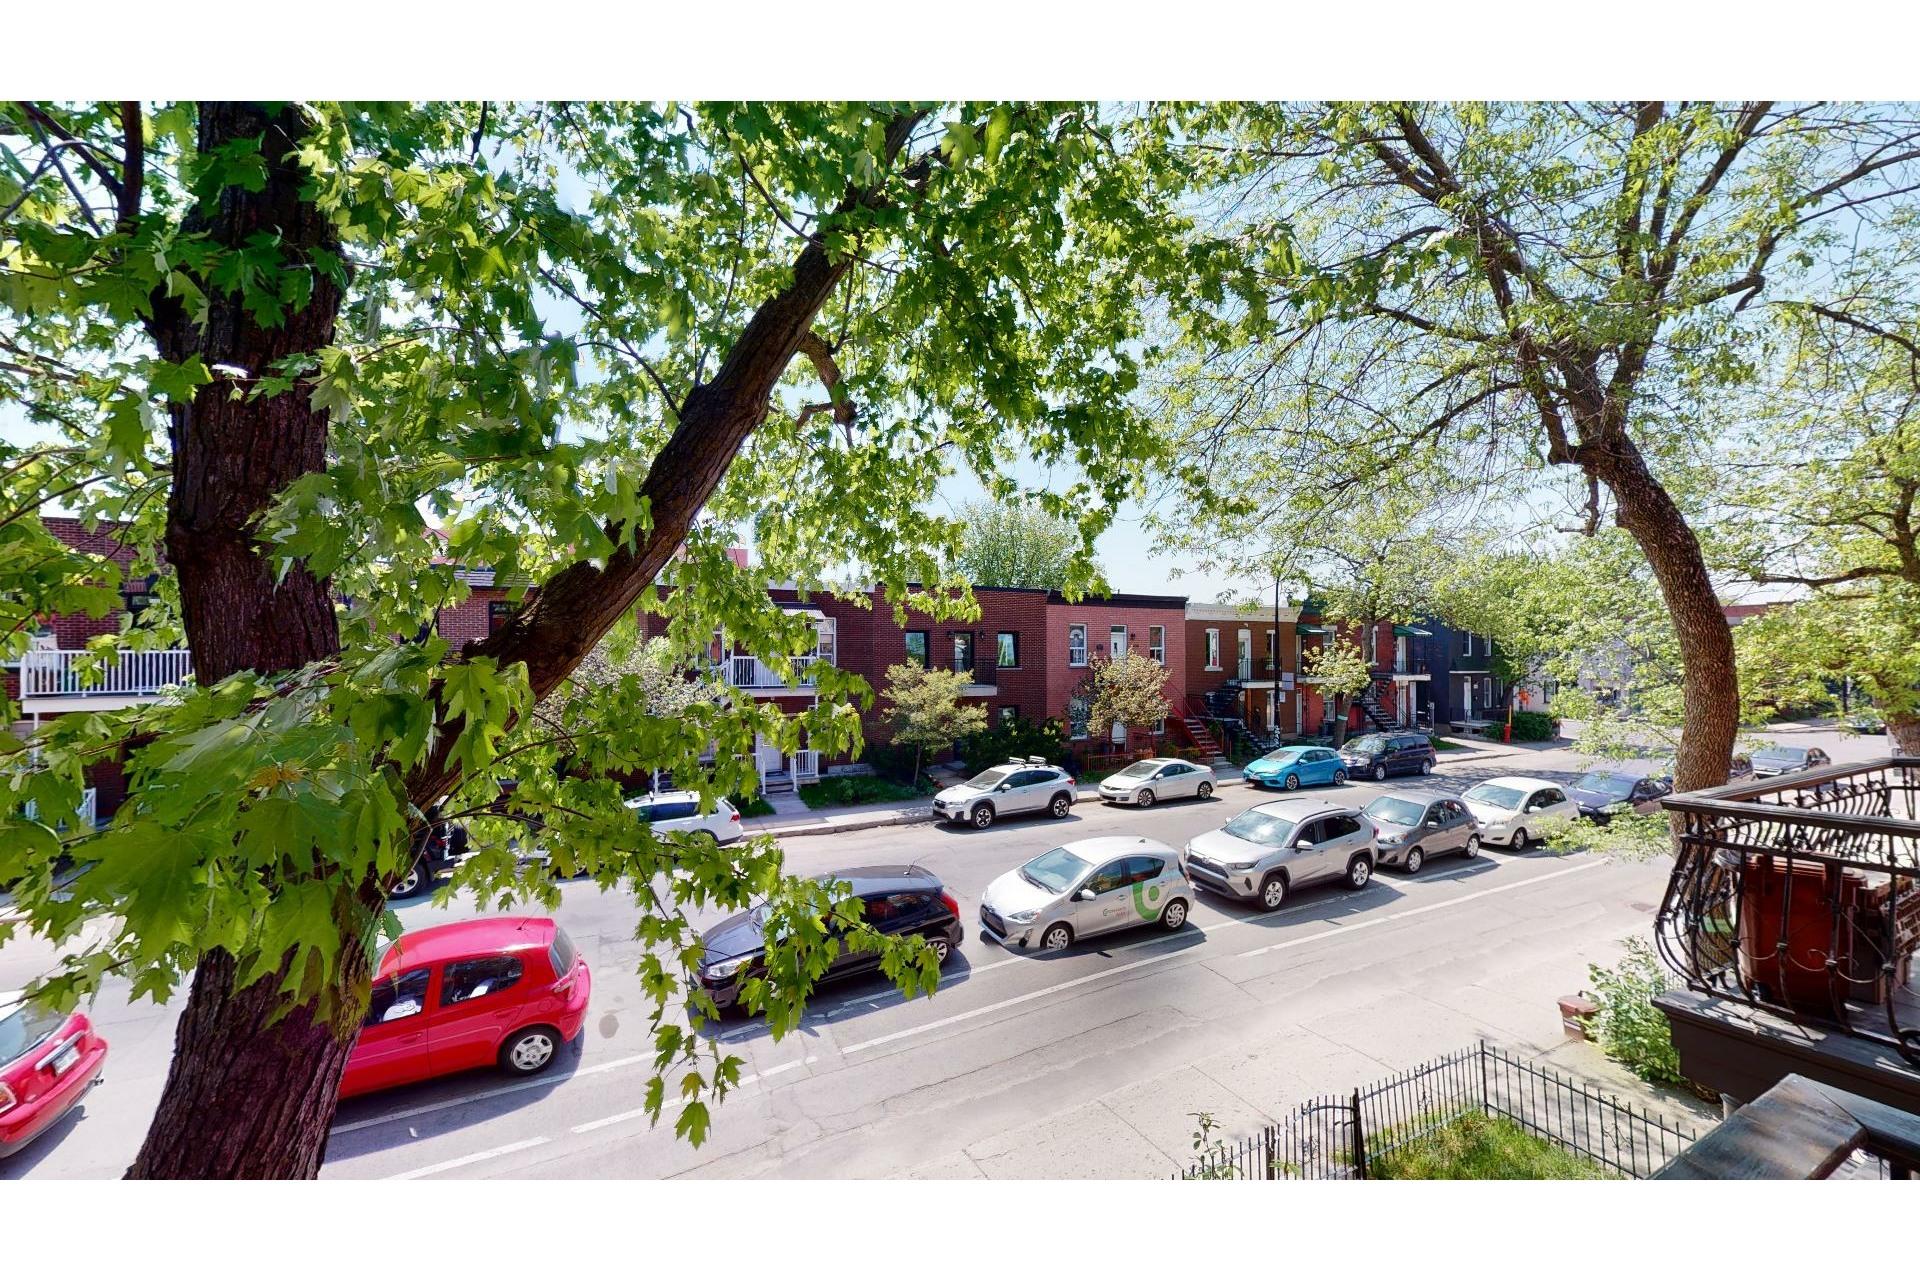 image 20 - Duplex À vendre Rosemont/La Petite-Patrie Montréal  - 7 pièces